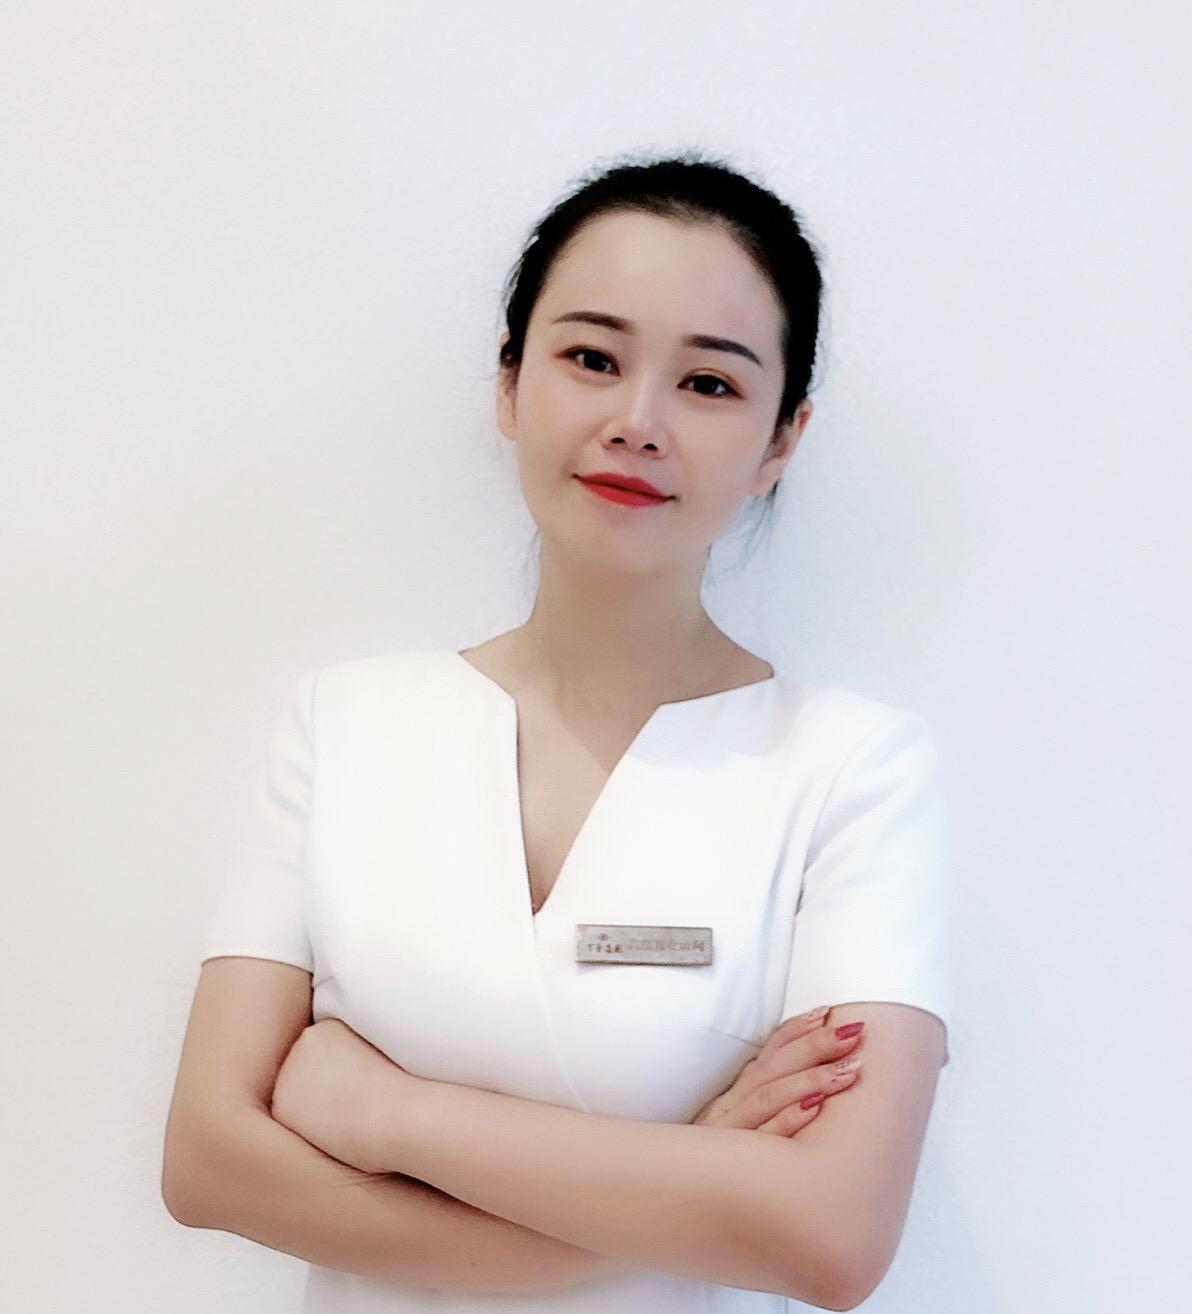 万景进园-张媛红